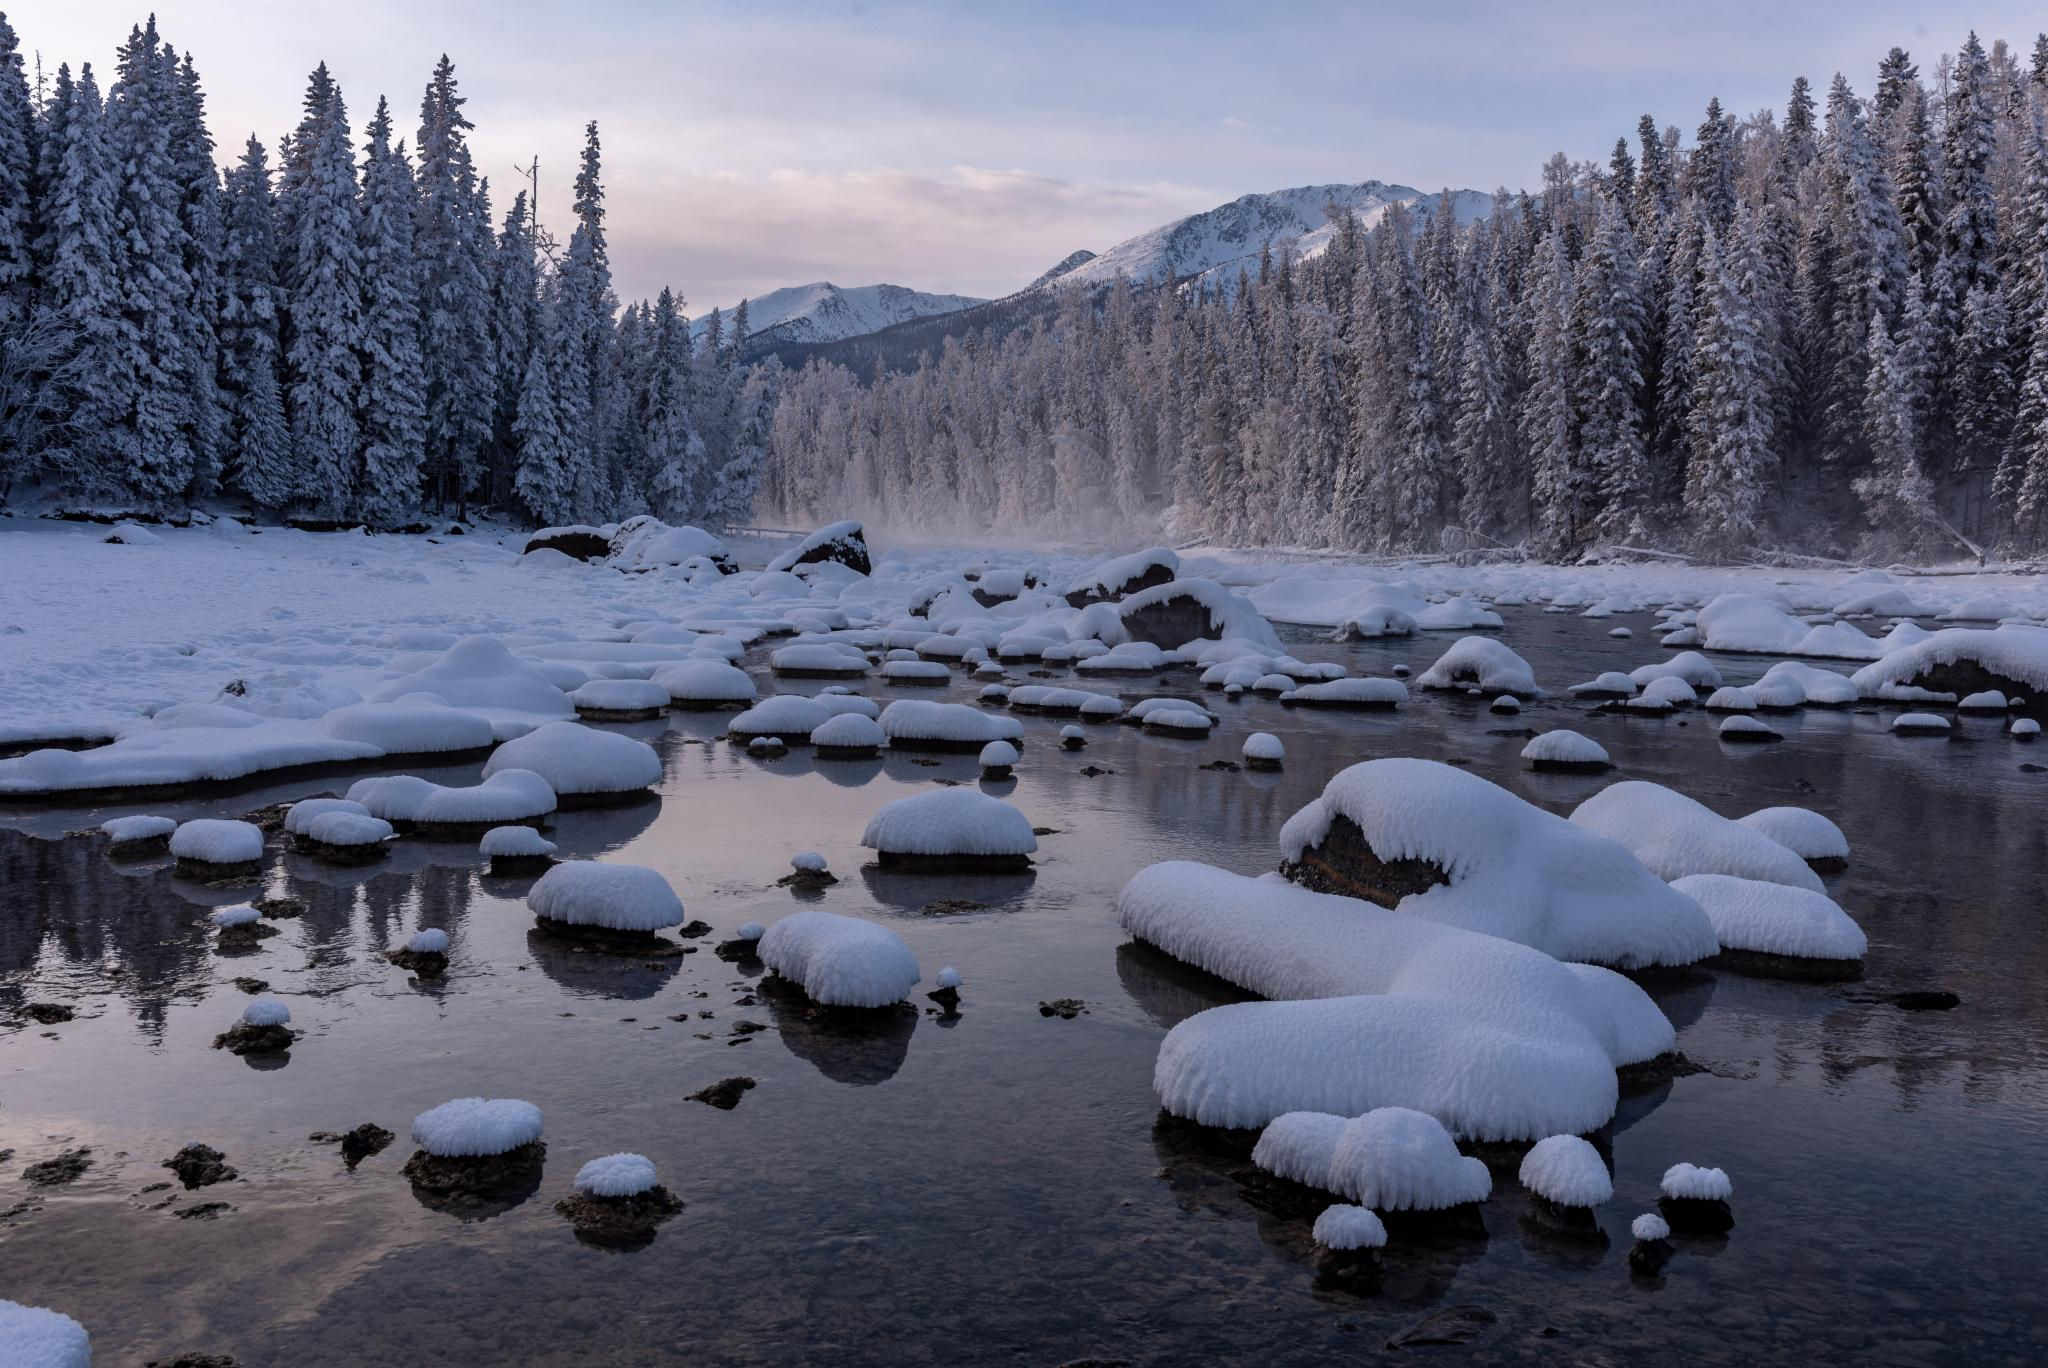 冬日喀纳斯,梦中的冰雪童话世界